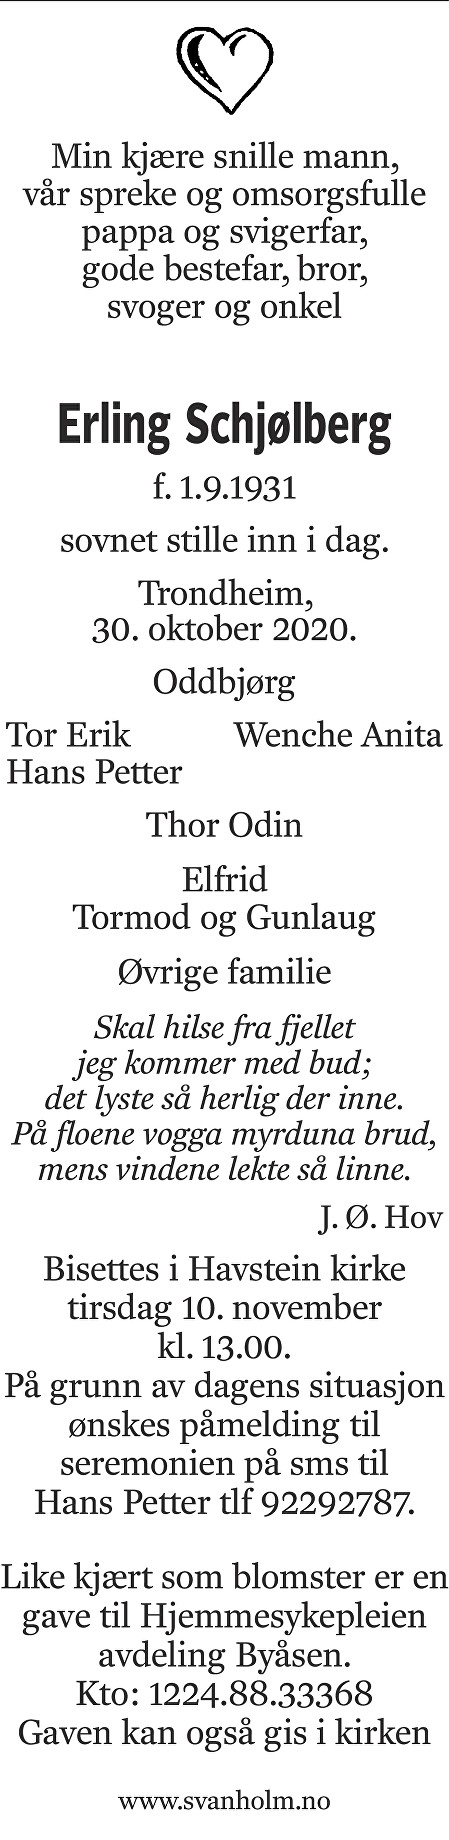 Erling Schjølberg Dødsannonse